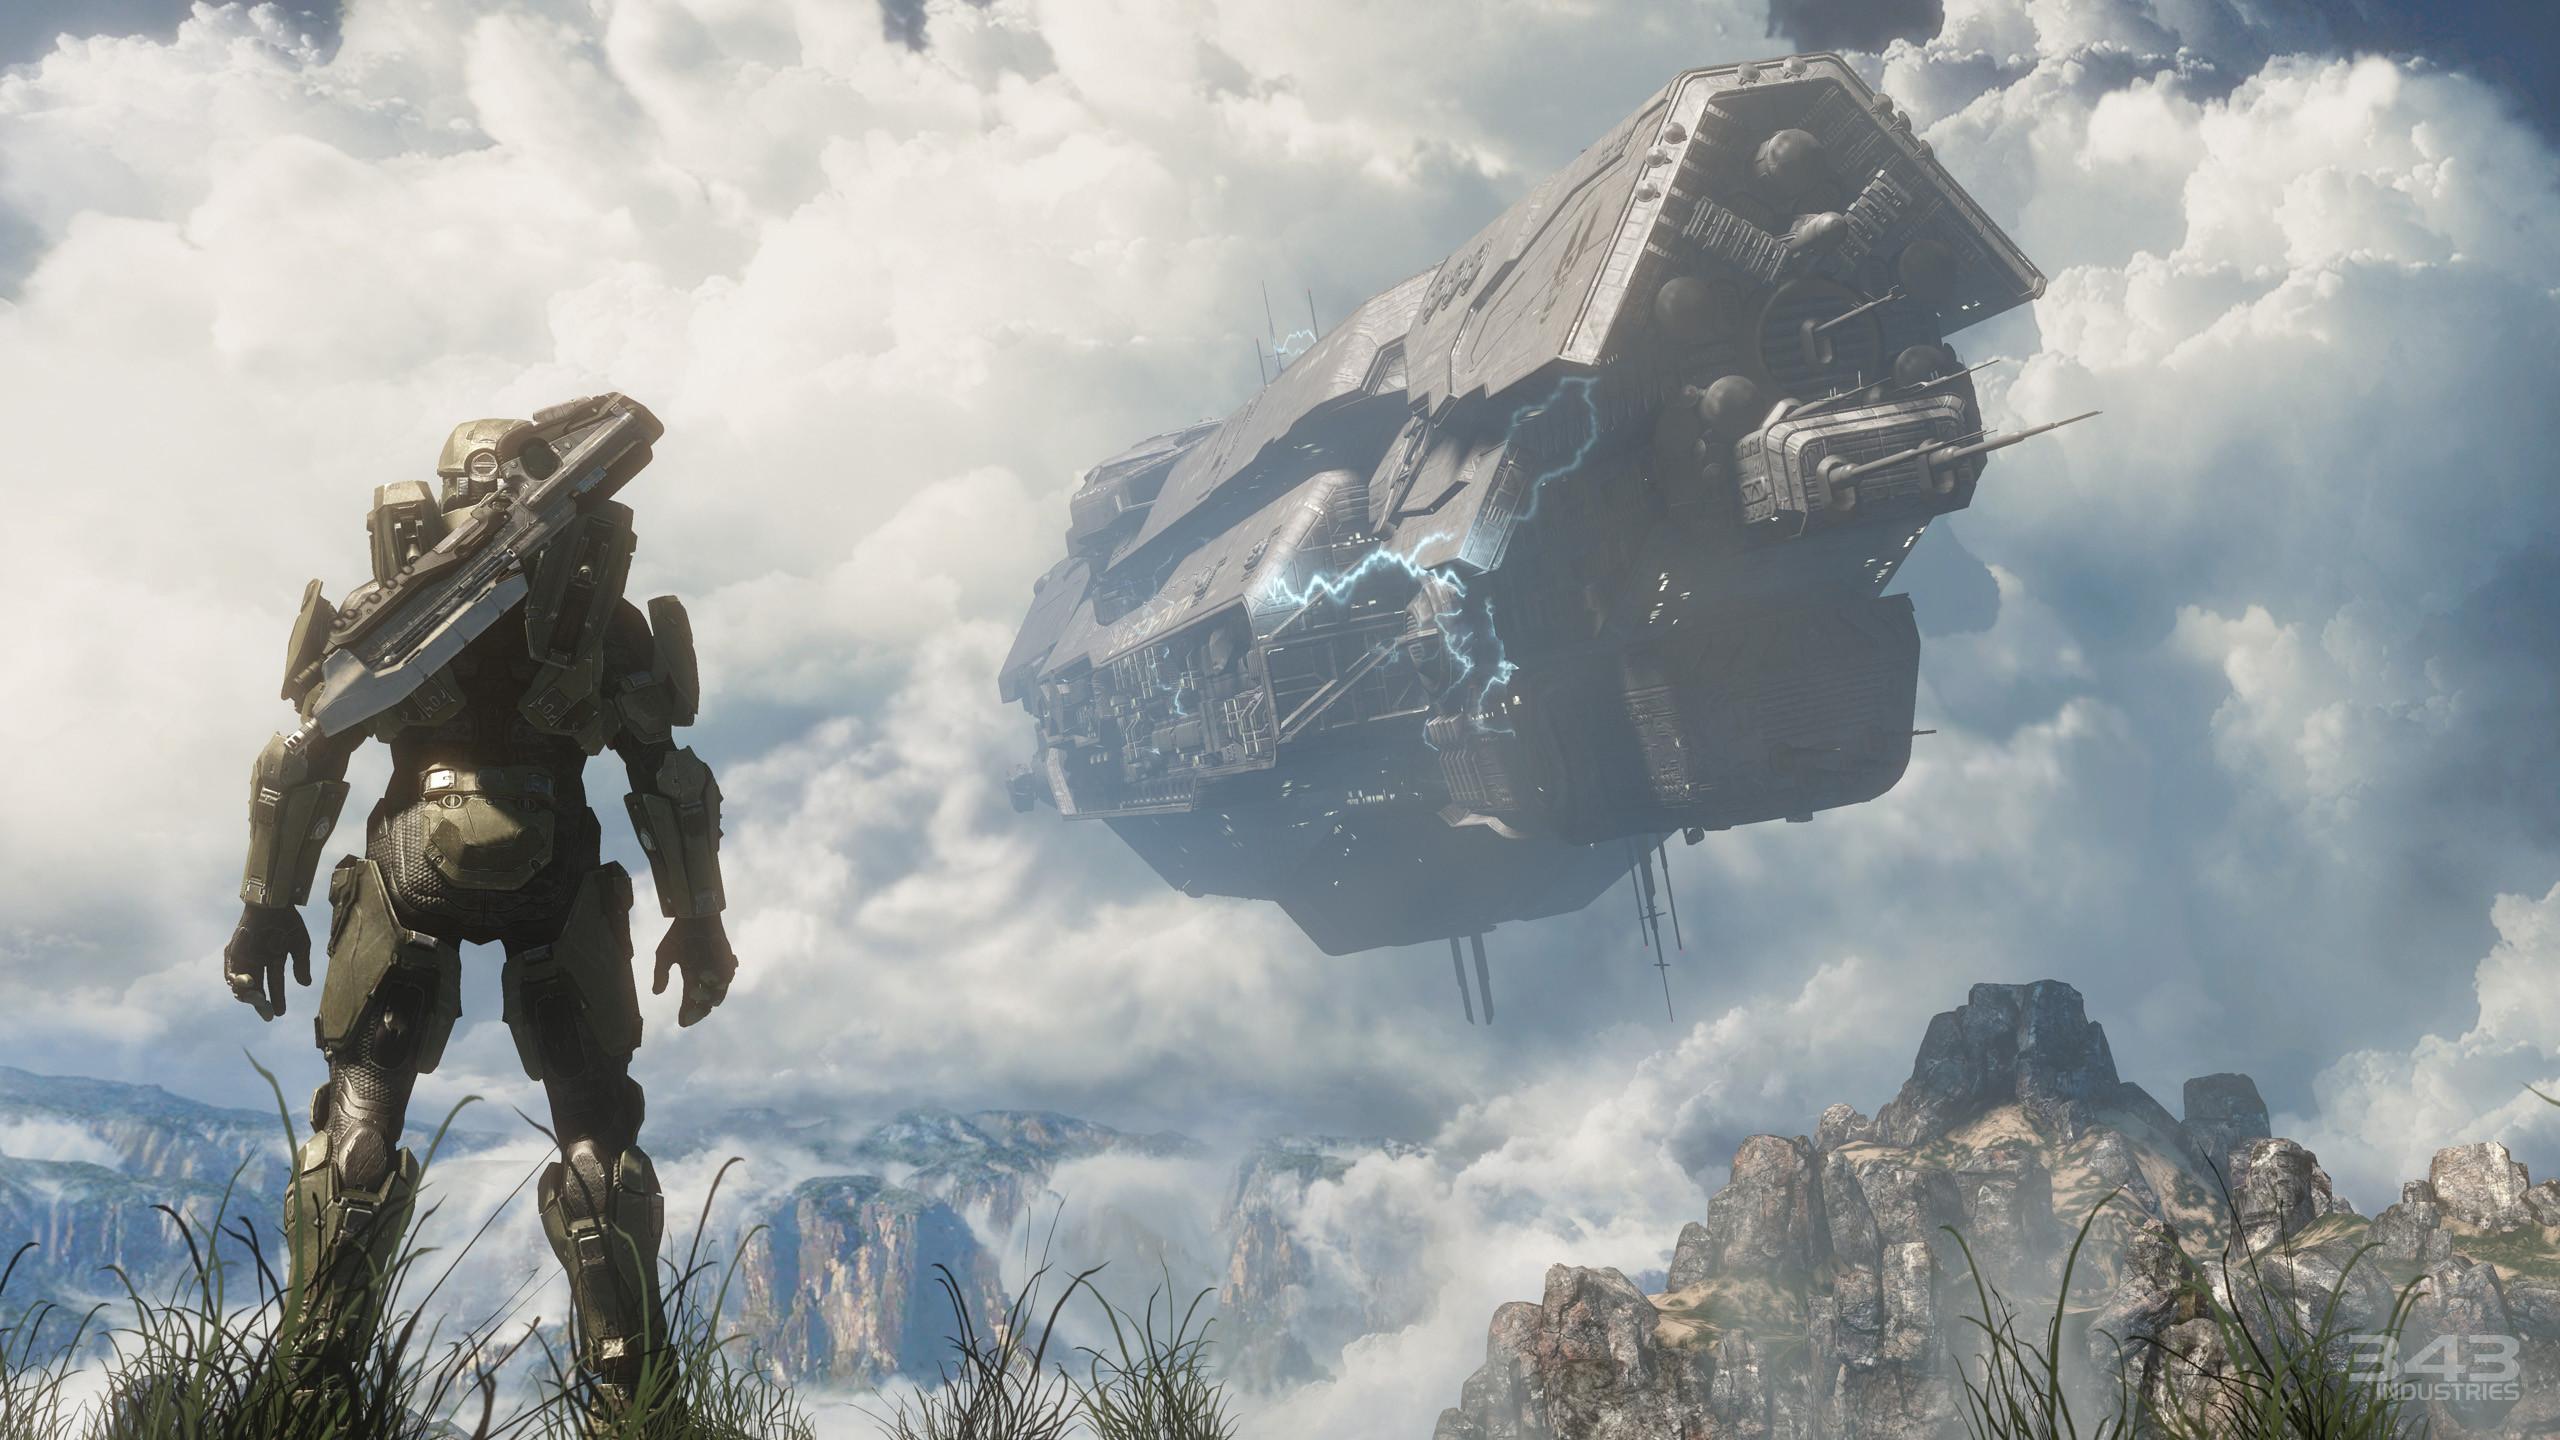 Video Game – Halo Halo 4 Master Chief Ship Sci Fi Wallpaper